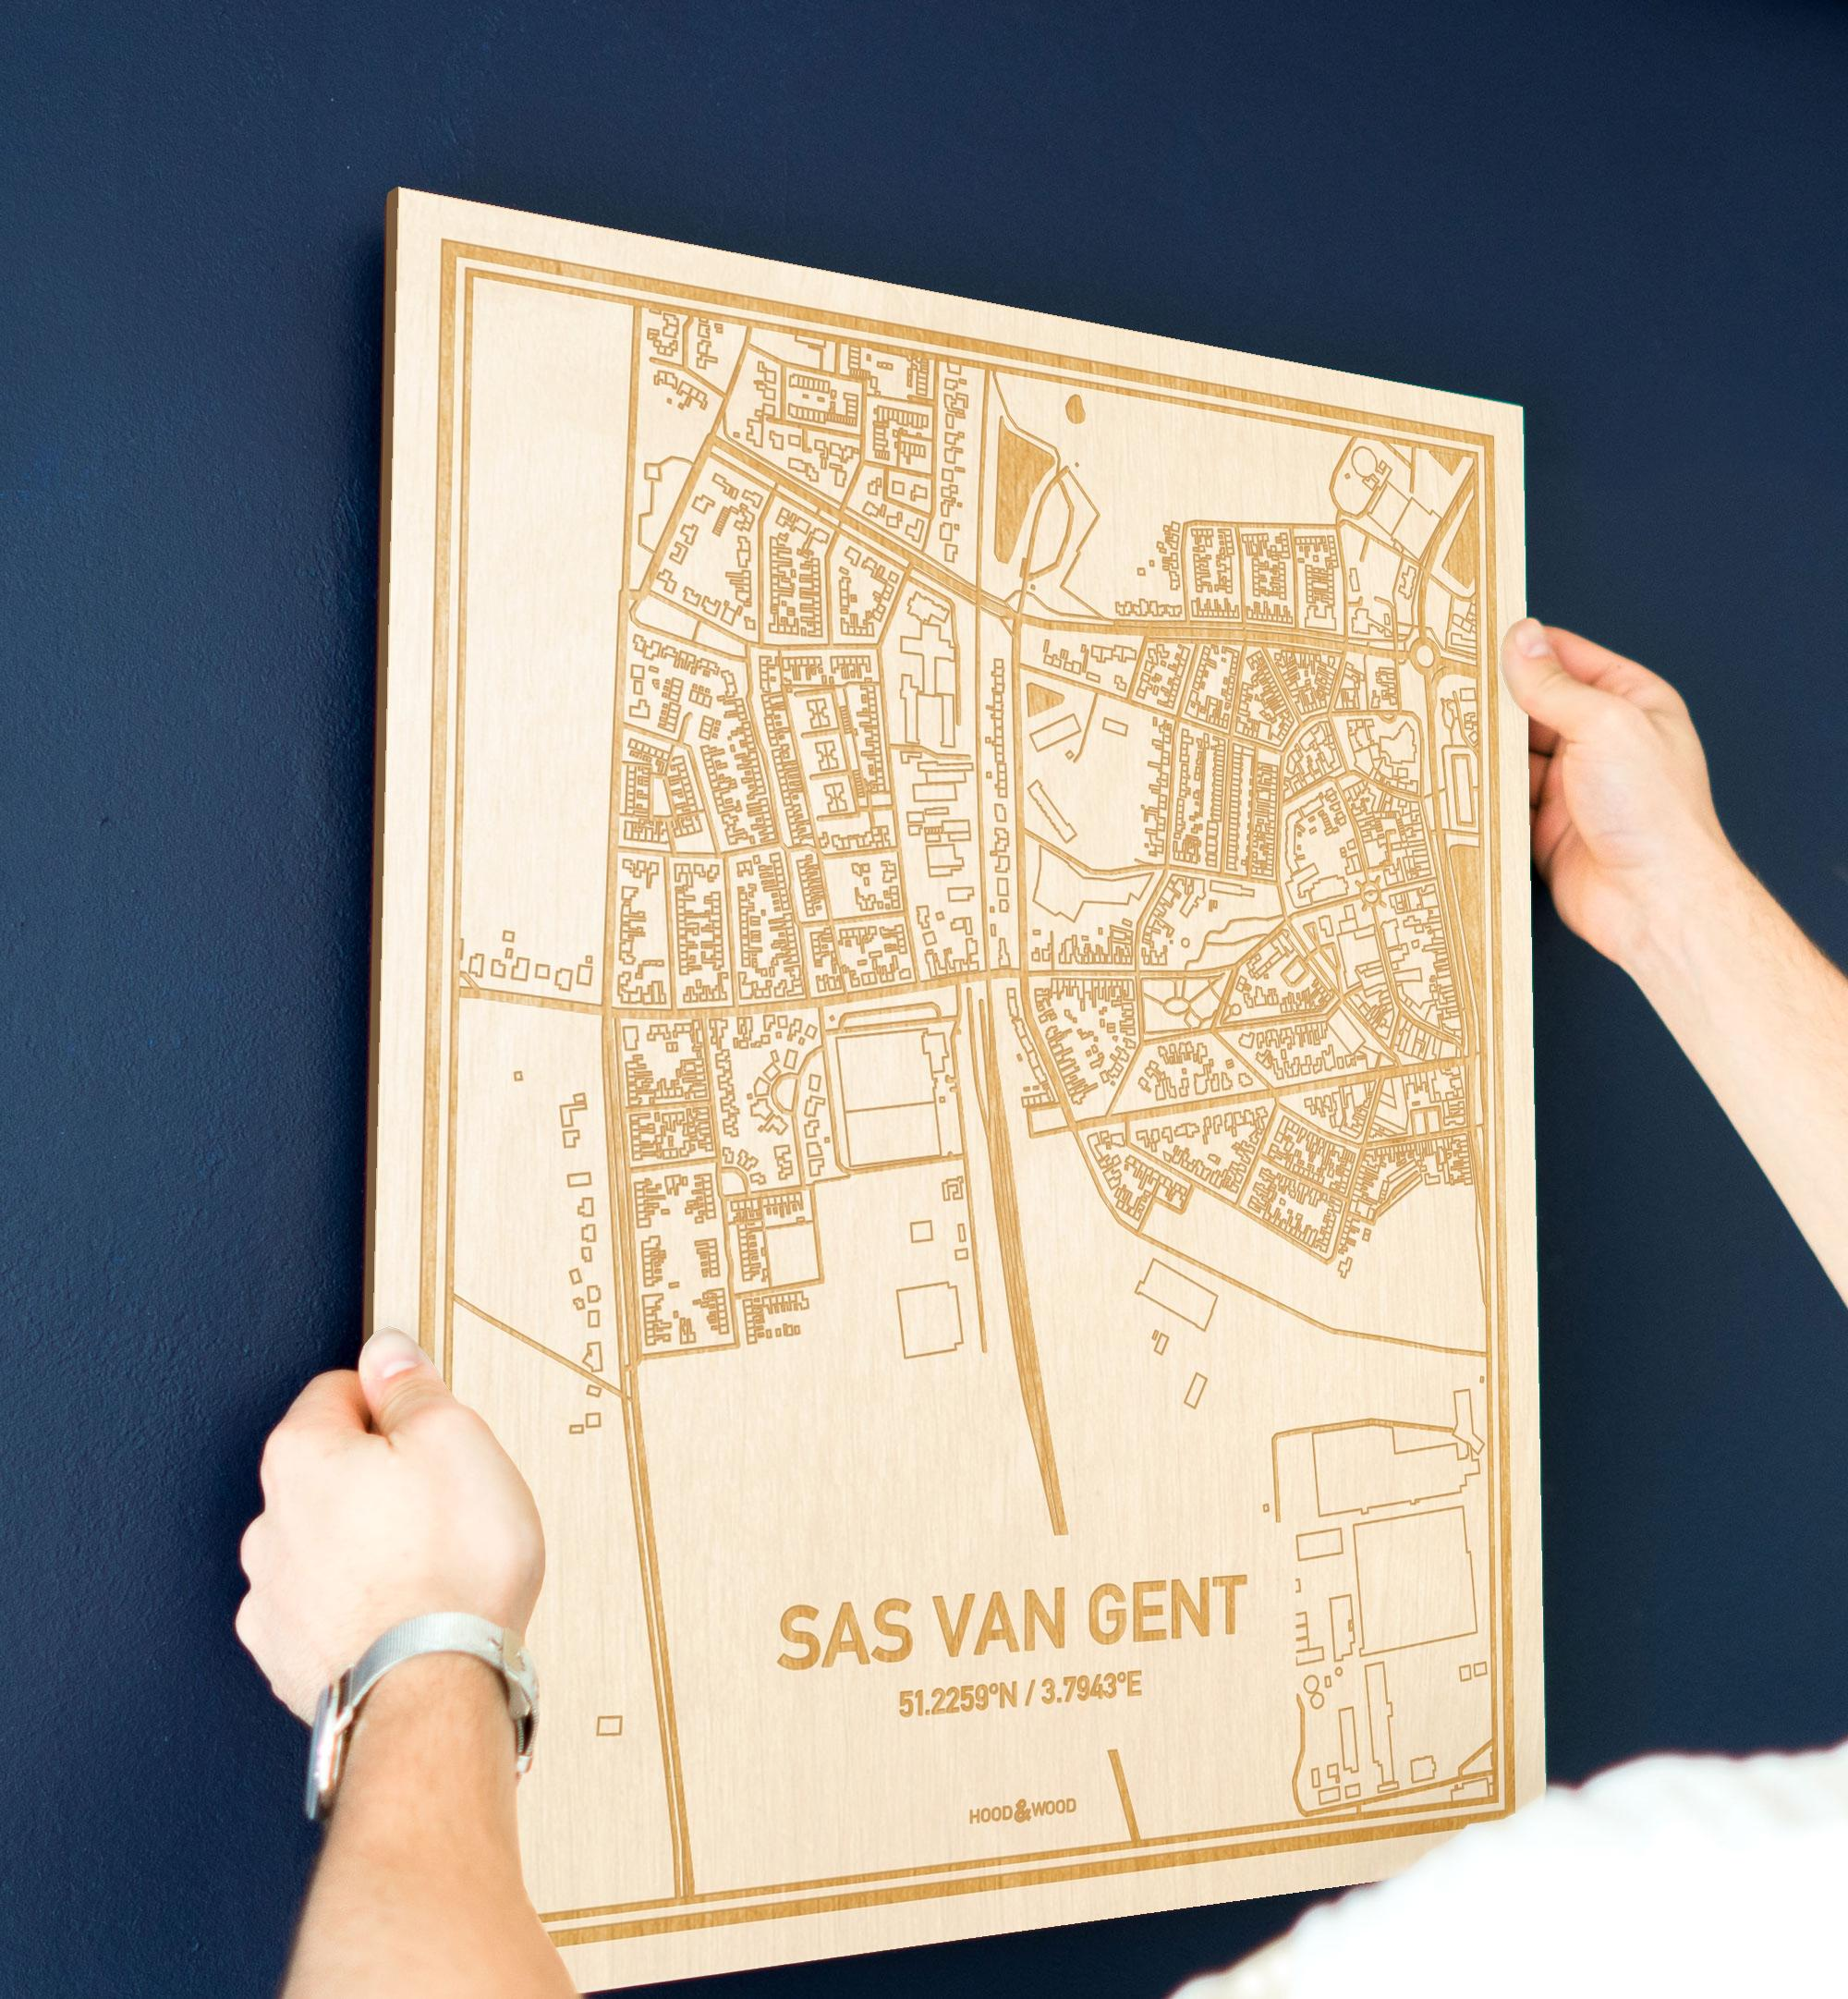 Een man hangt de houten plattegrond Sas van Gent aan zijn blauwe muur ter decoratie. Je ziet alleen zijn handen de kaart van deze bijzondere in Zeeland vasthouden.